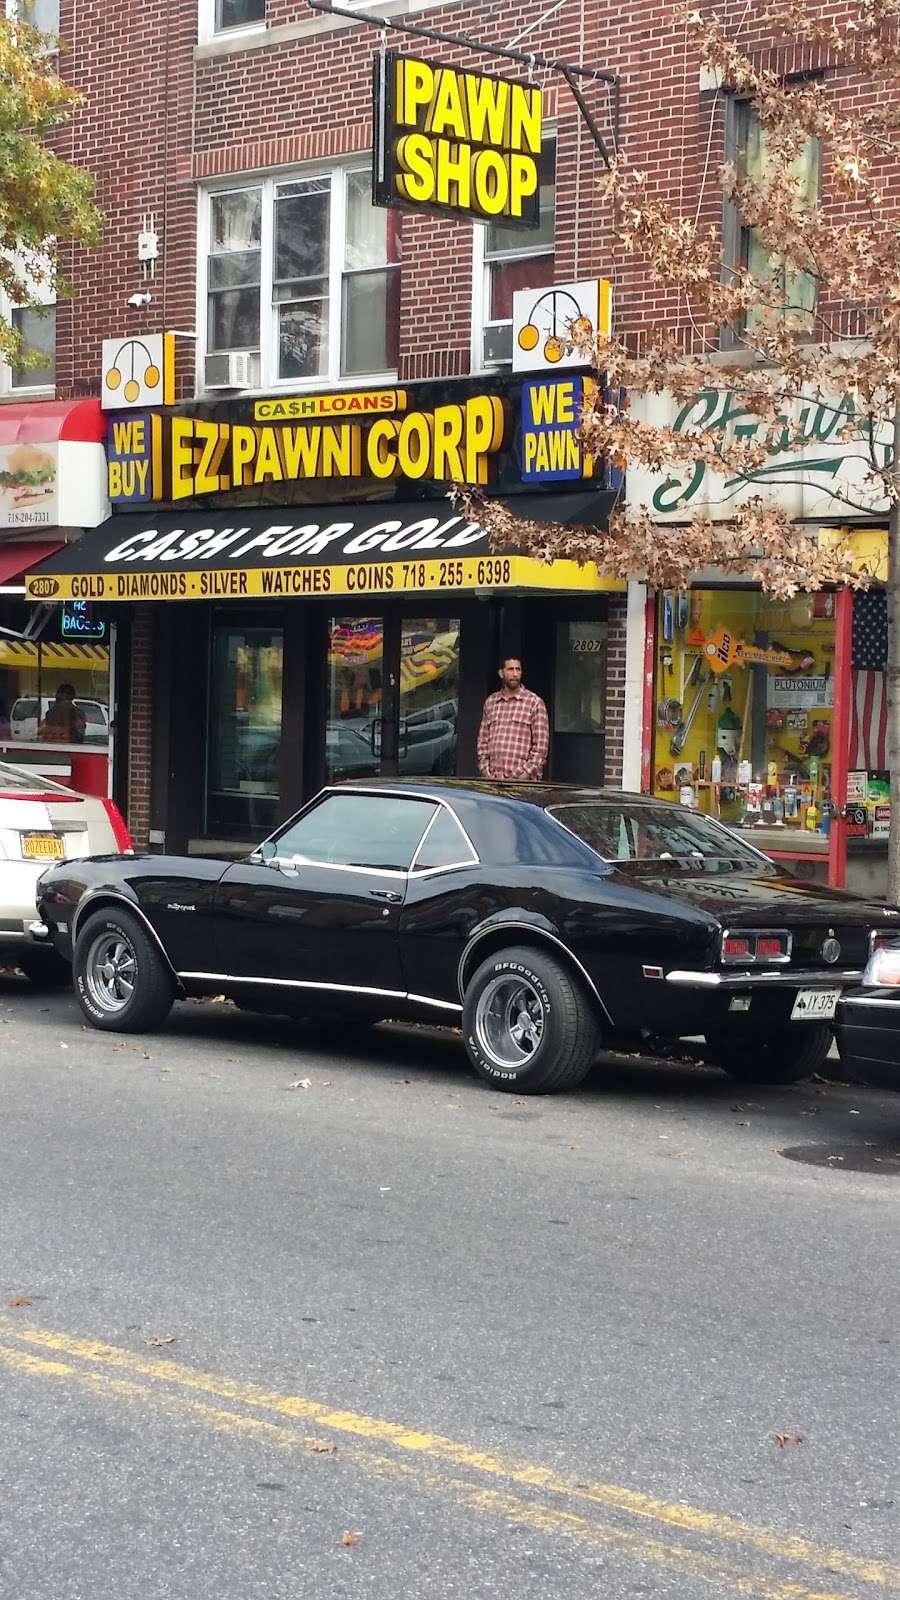 EZ Pawn Corp - jewelry store  | Photo 5 of 10 | Address: 2506 Flatbush Ave, Brooklyn, NY 11234, USA | Phone: (718) 377-7296